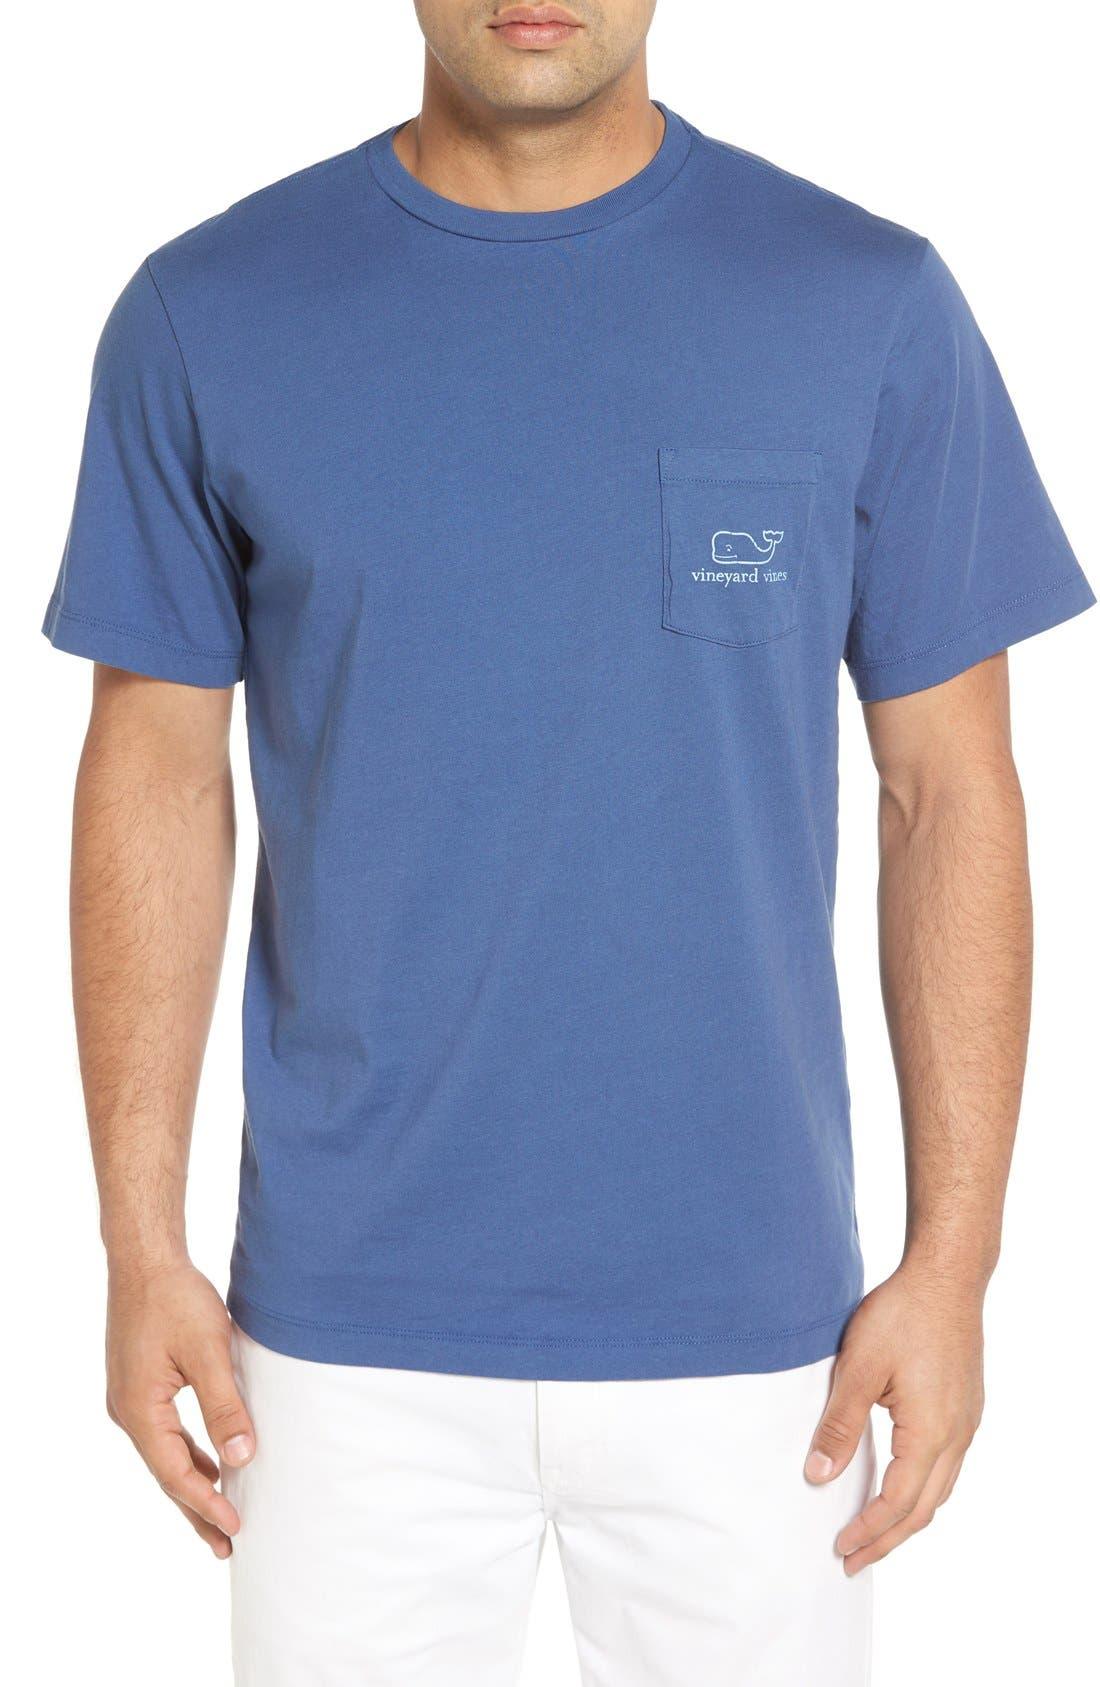 Vintage Whale Pocket T-Shirt,                             Alternate thumbnail 4, color,                             461